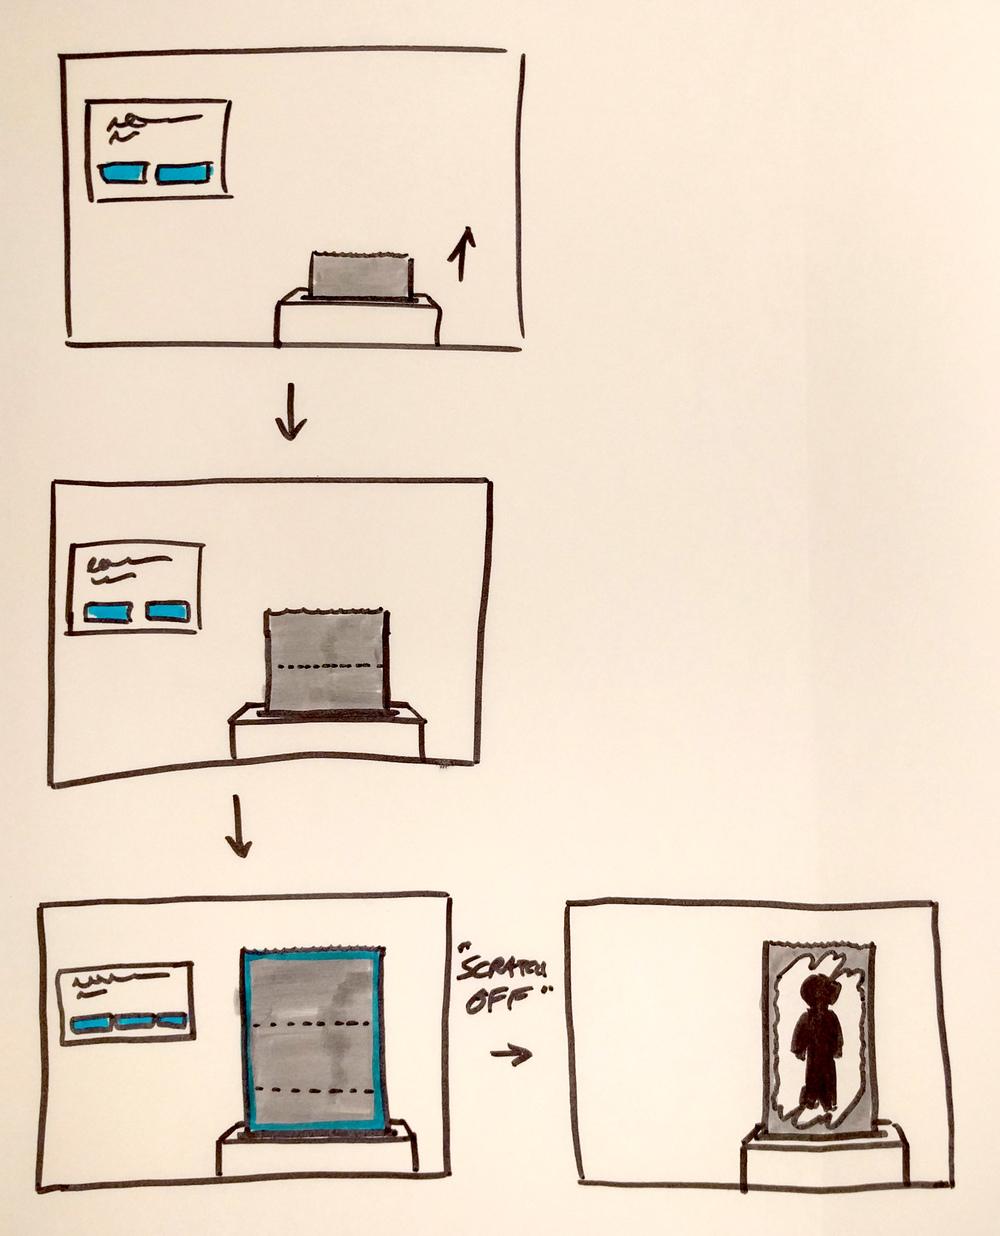 Sketching - 07 - 4.jpg